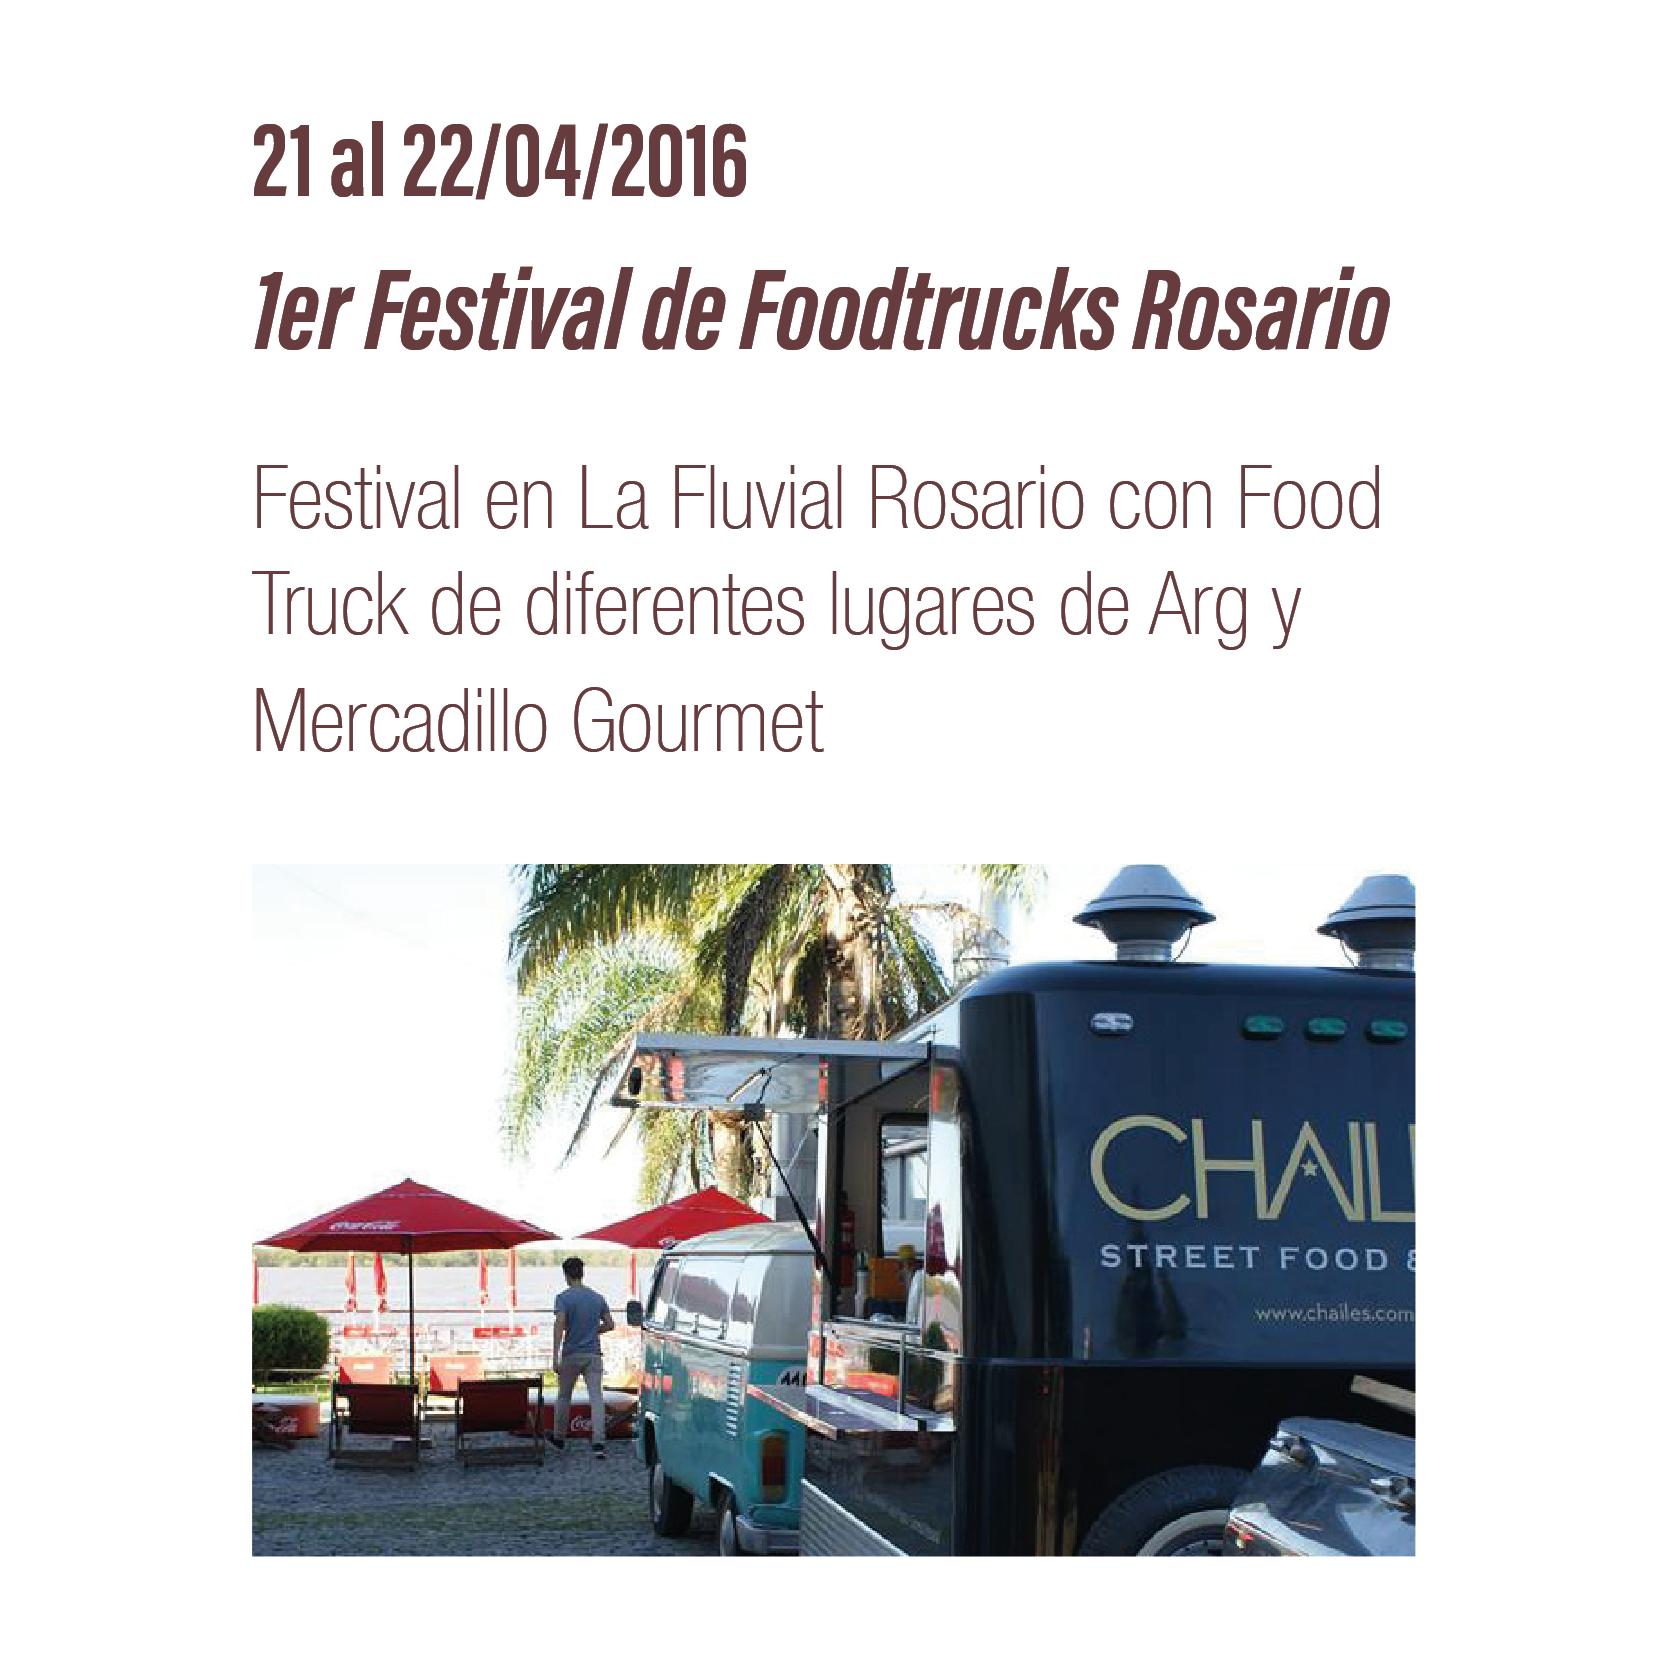 1er Festival Foodtrucks Rosario